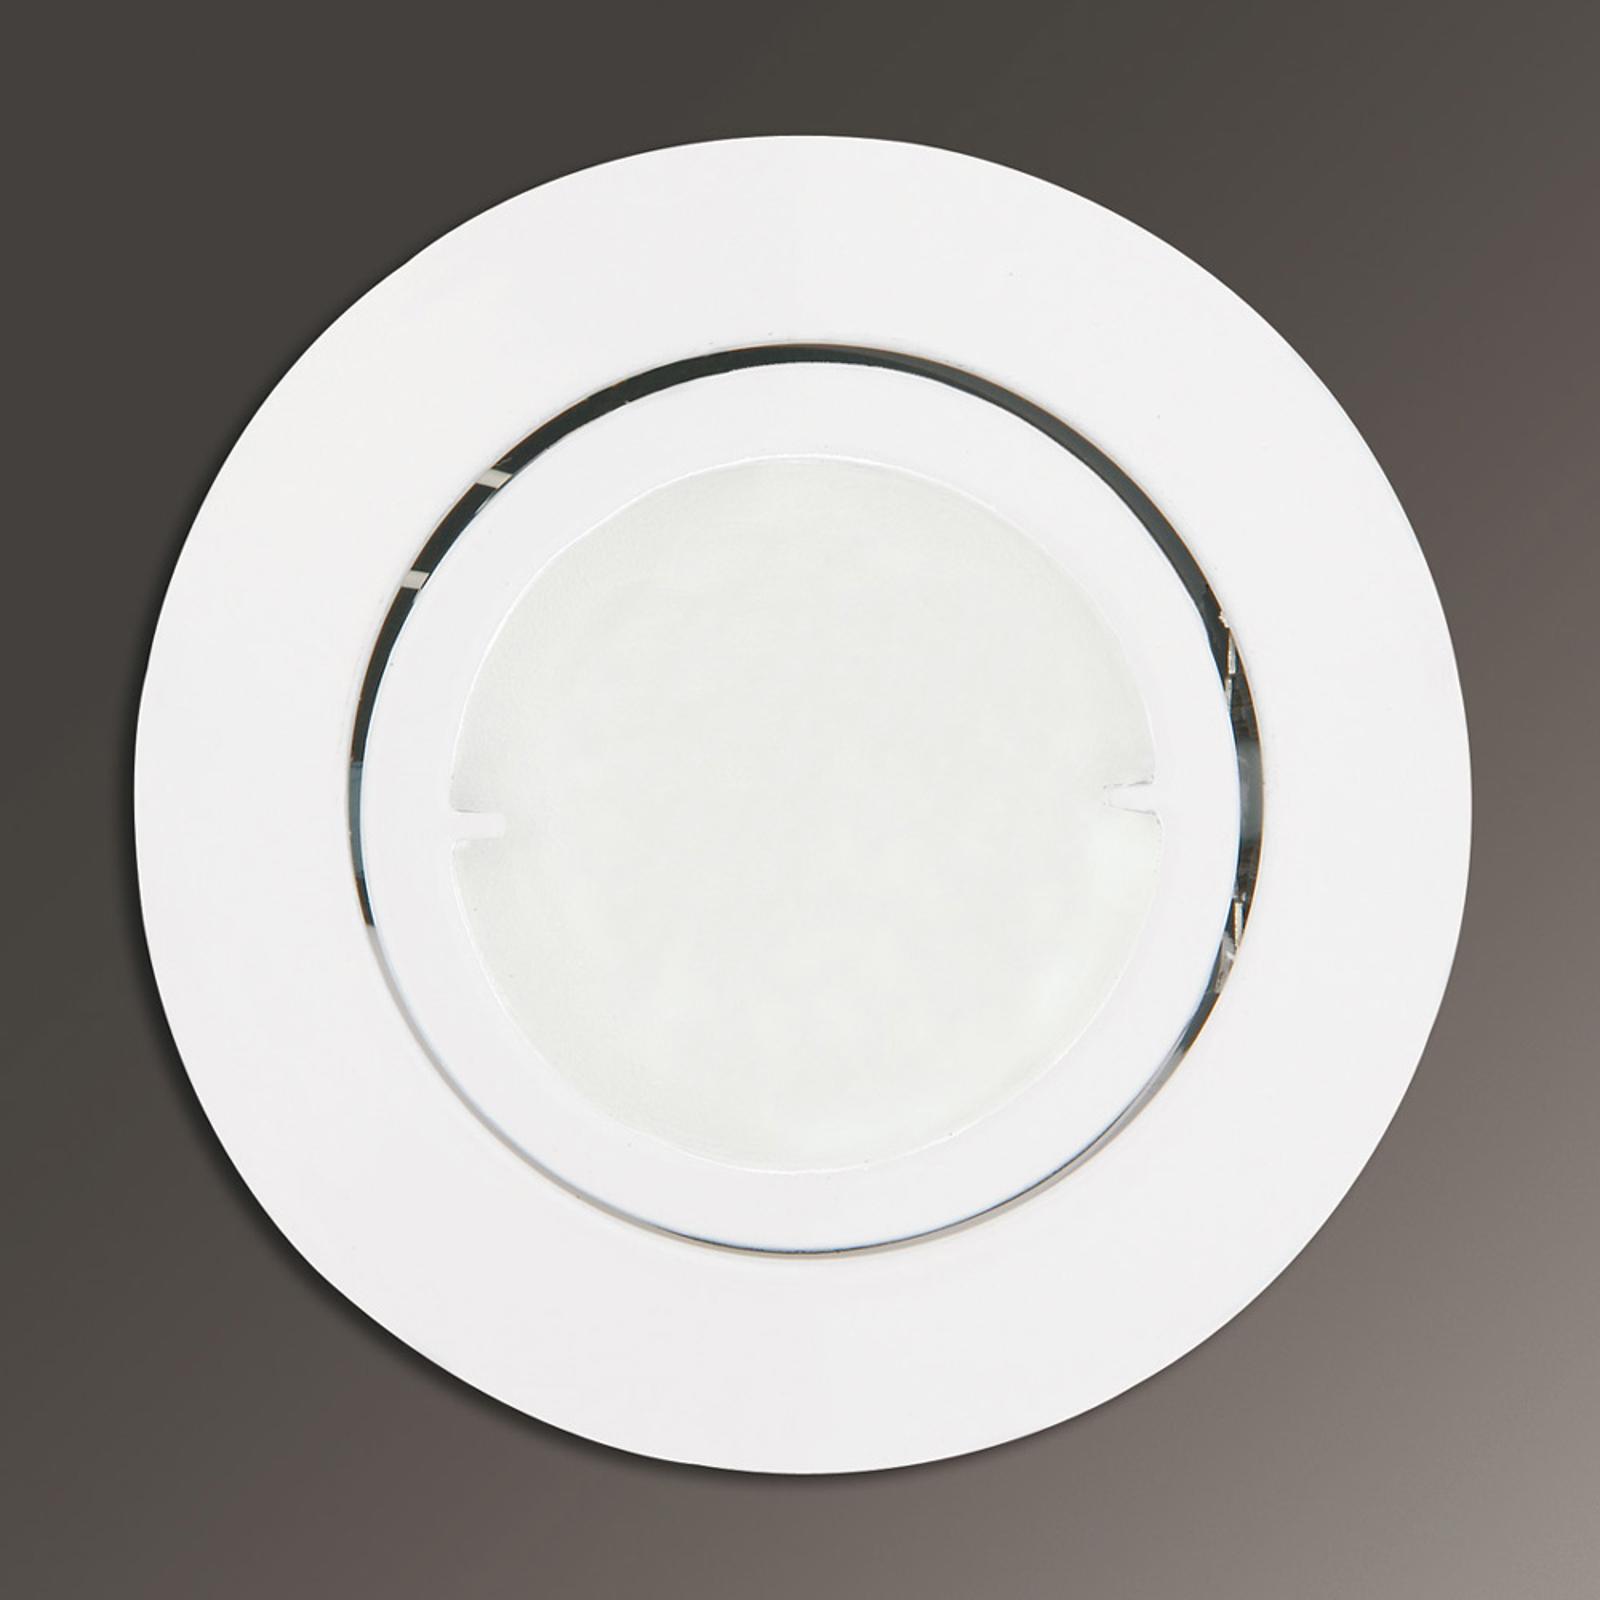 Joanie - LED-indbygningslampe i hvid, rund